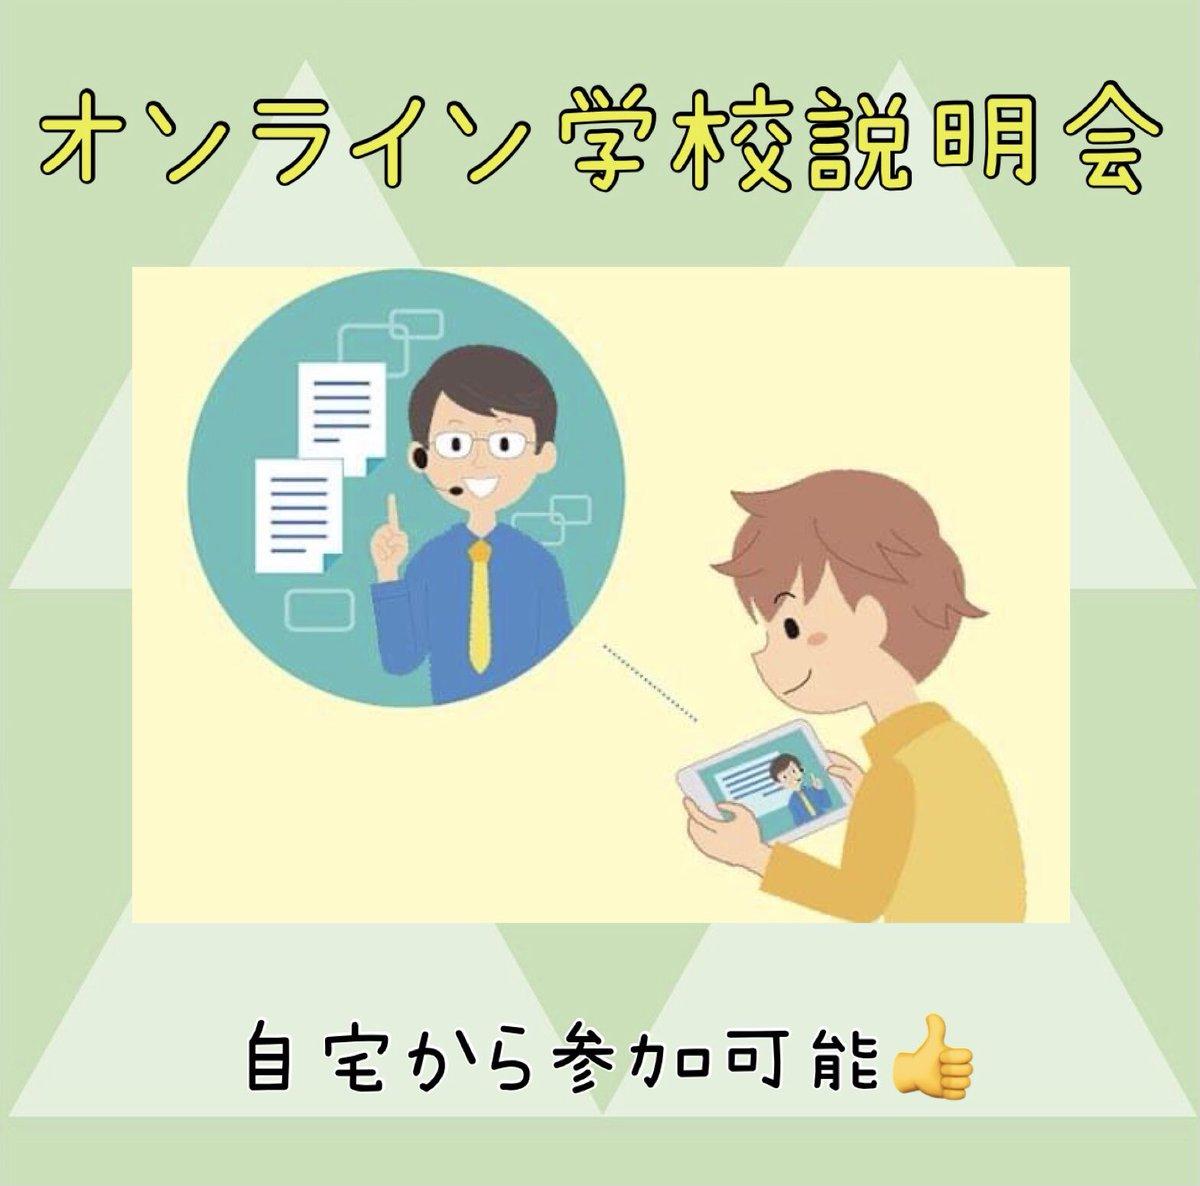 専門 学校 東京 学院 情報 工 クリエイター